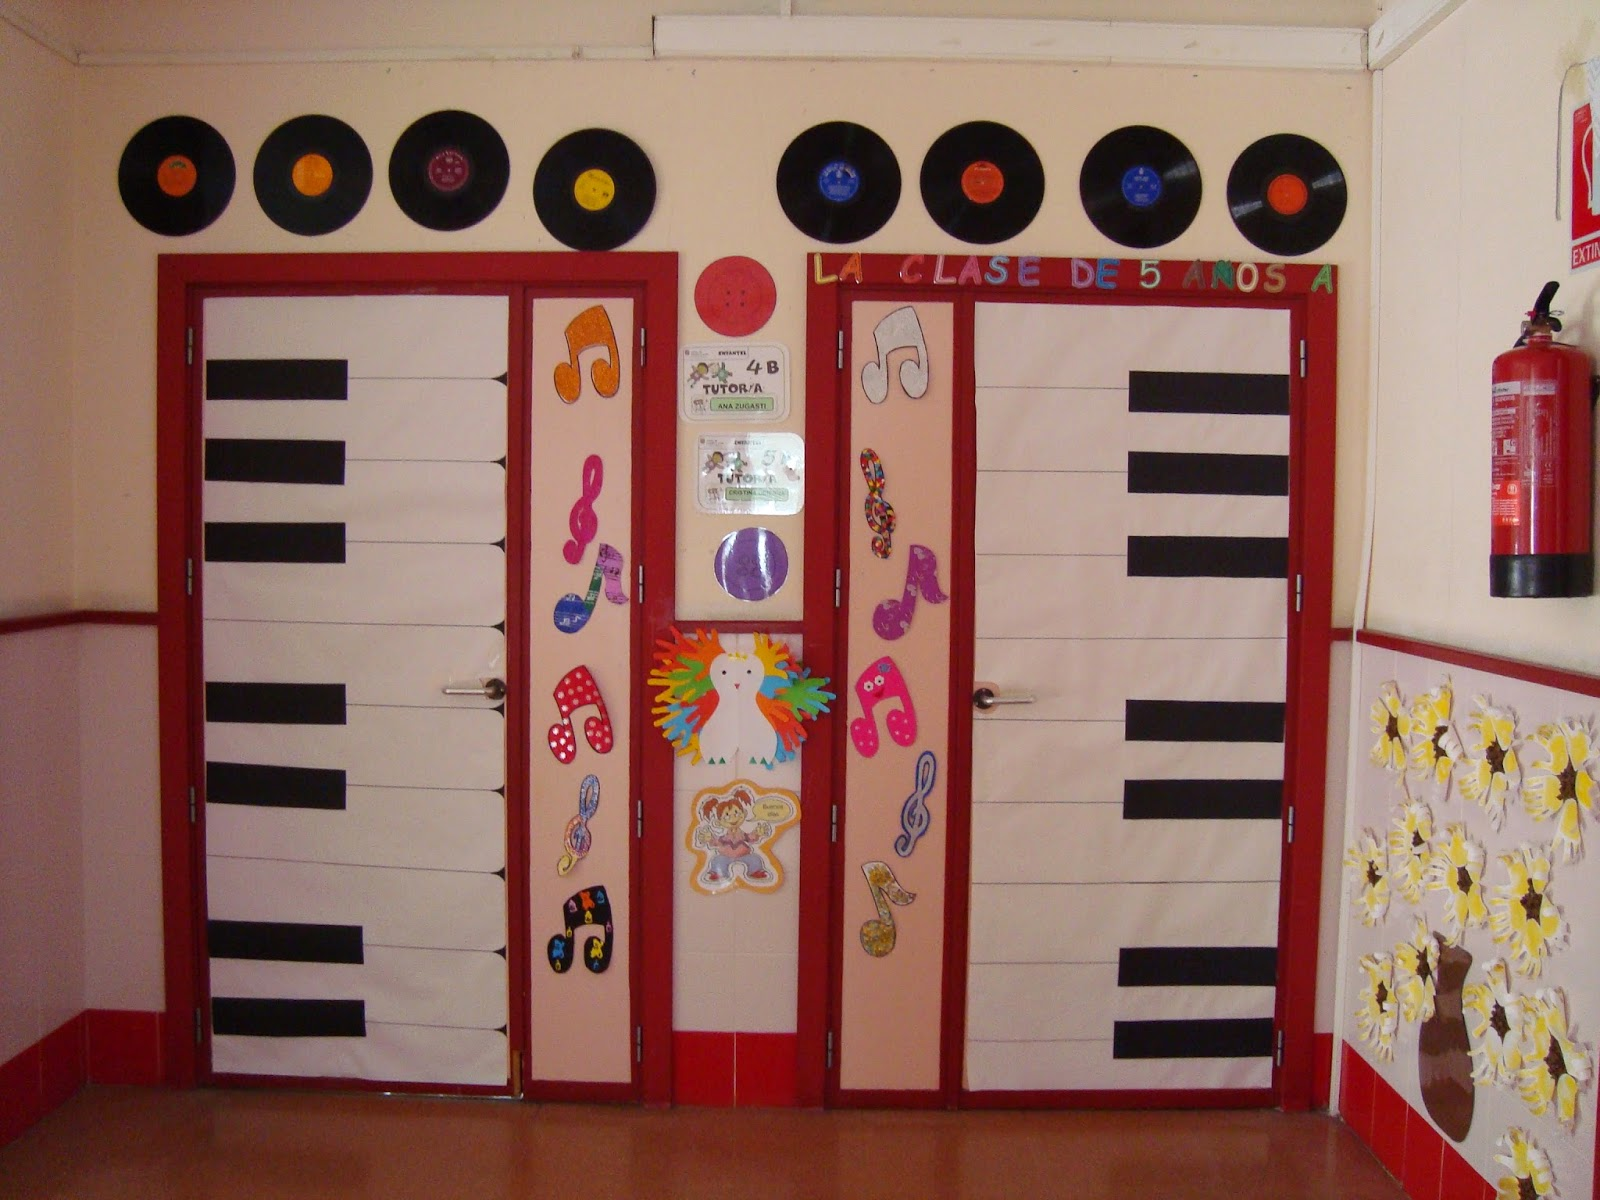 Plastificando ilusiones decoramos los pasillos musicales for Decoracion puerta aula infantil